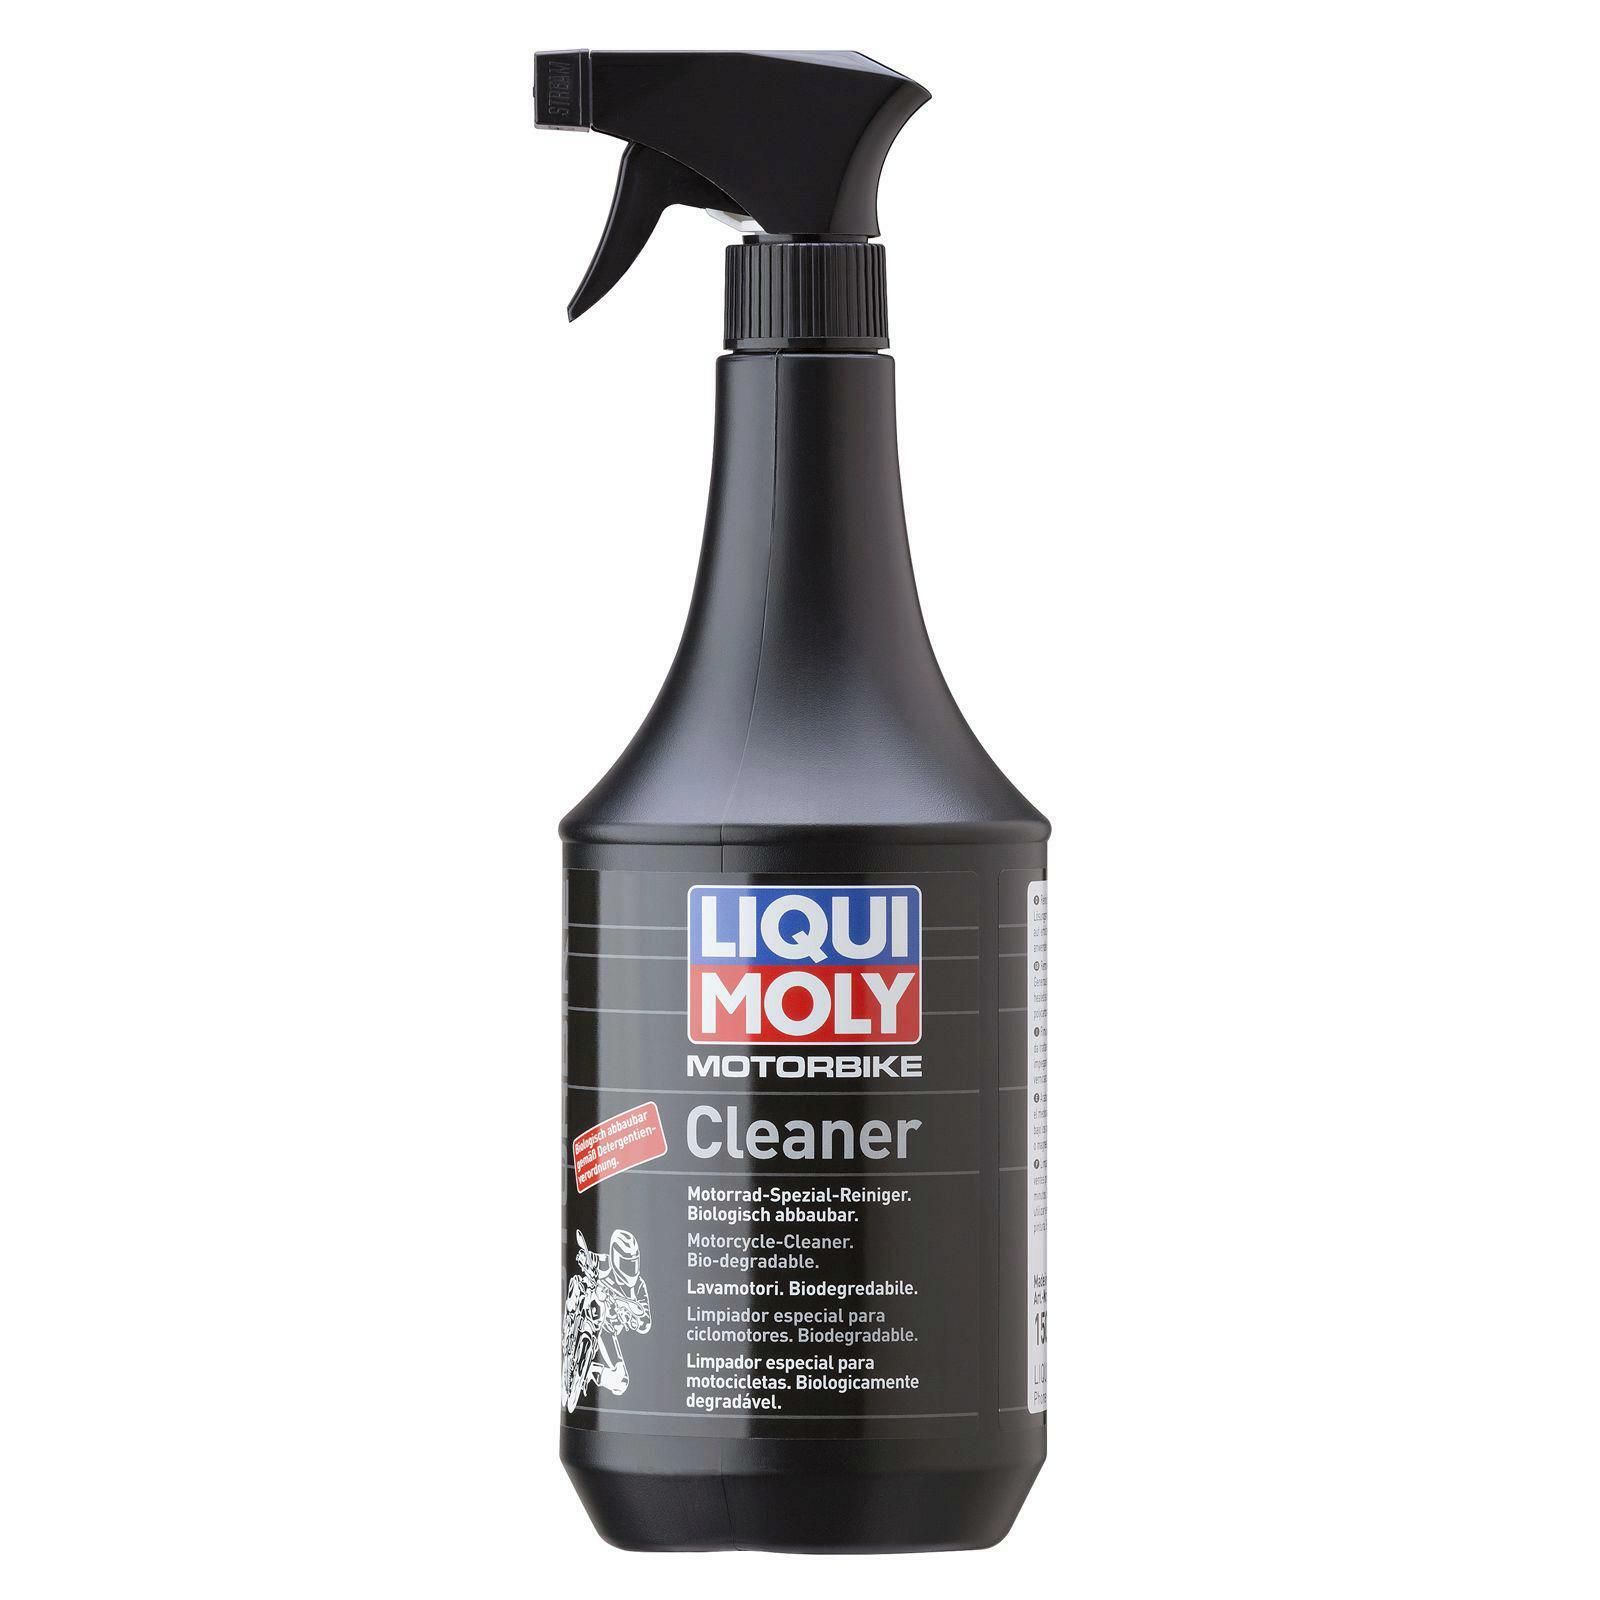 Liqui Moly Motorbike Cleaner 1l